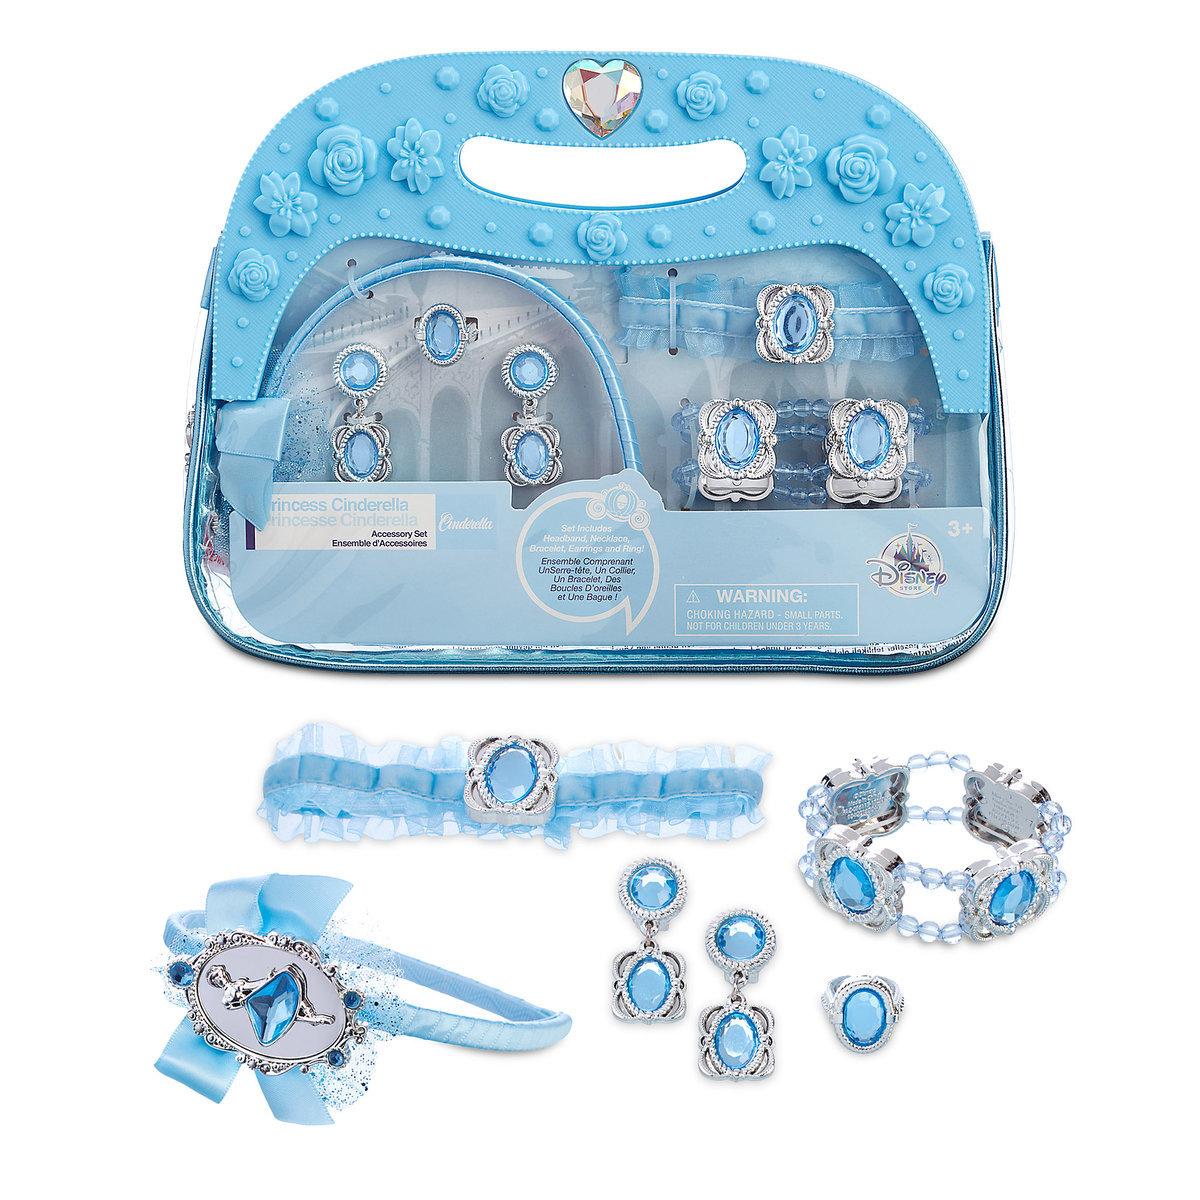 กระเป๋าเครื่องประดับสำหรับเจ้าหญิง Disney Costume Accessory Set (Cinderella)